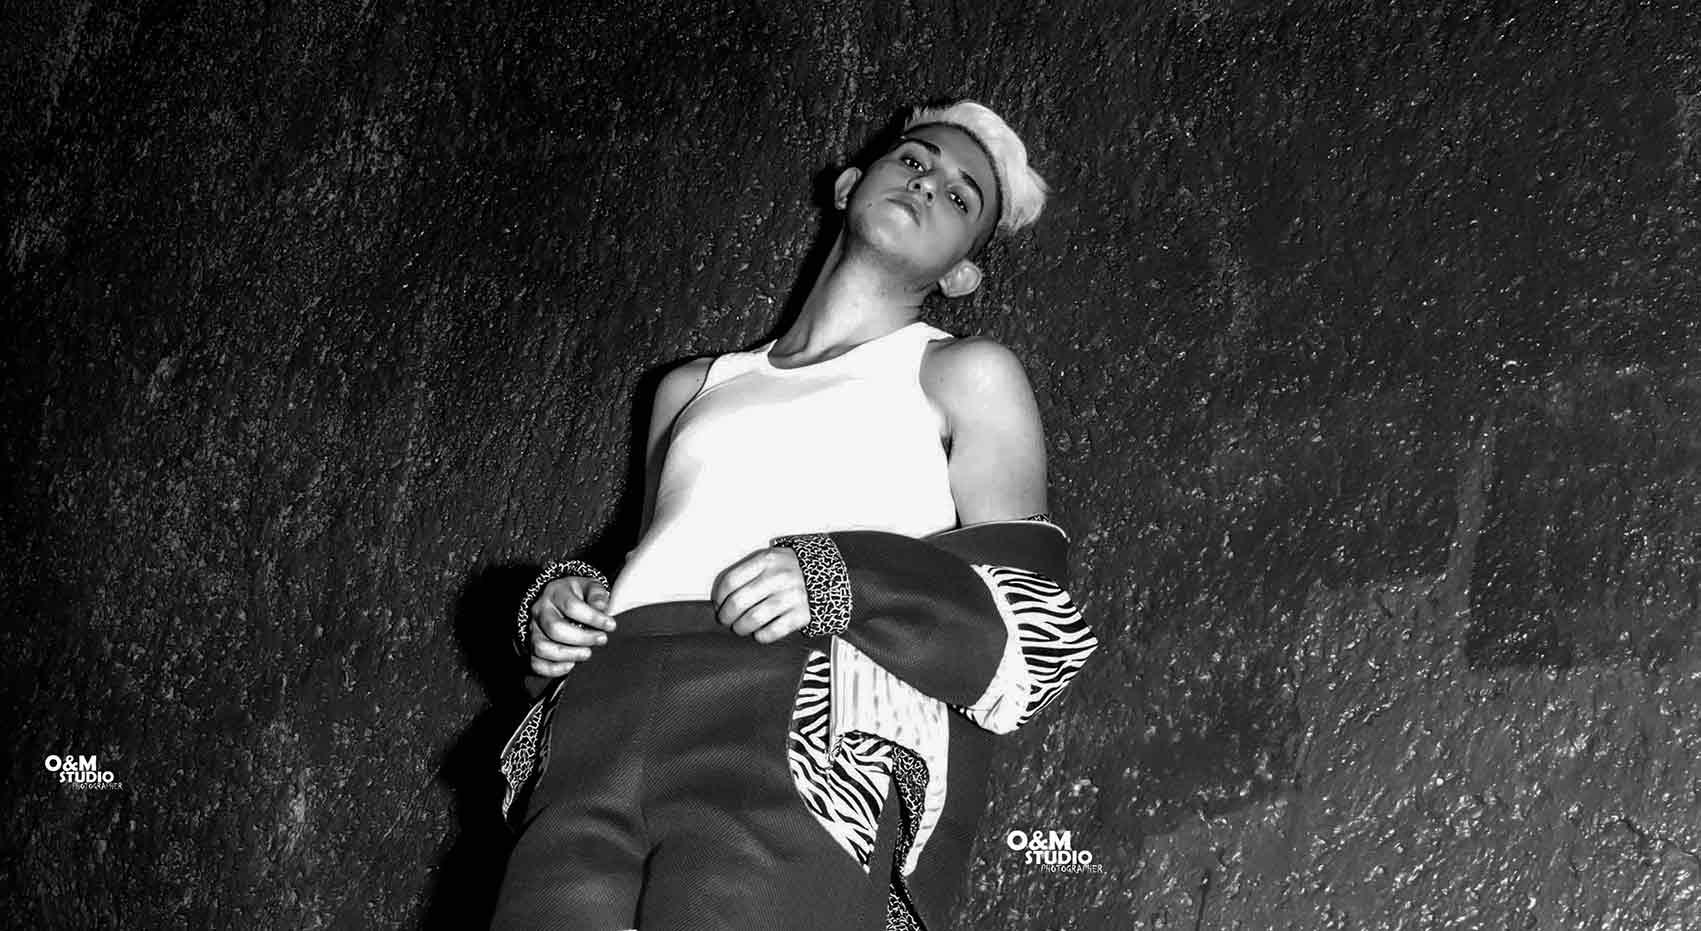 צלמים: זיו אבוהי, מור שרעבי, מעצבת אופנה: עדן שלום, דוגמן: אלעד כהן, מנהלת אישית, מאפרת מעצבת שיער: דגנית כהן - מגזין אופנה ישראלי -כתבות-אופנה